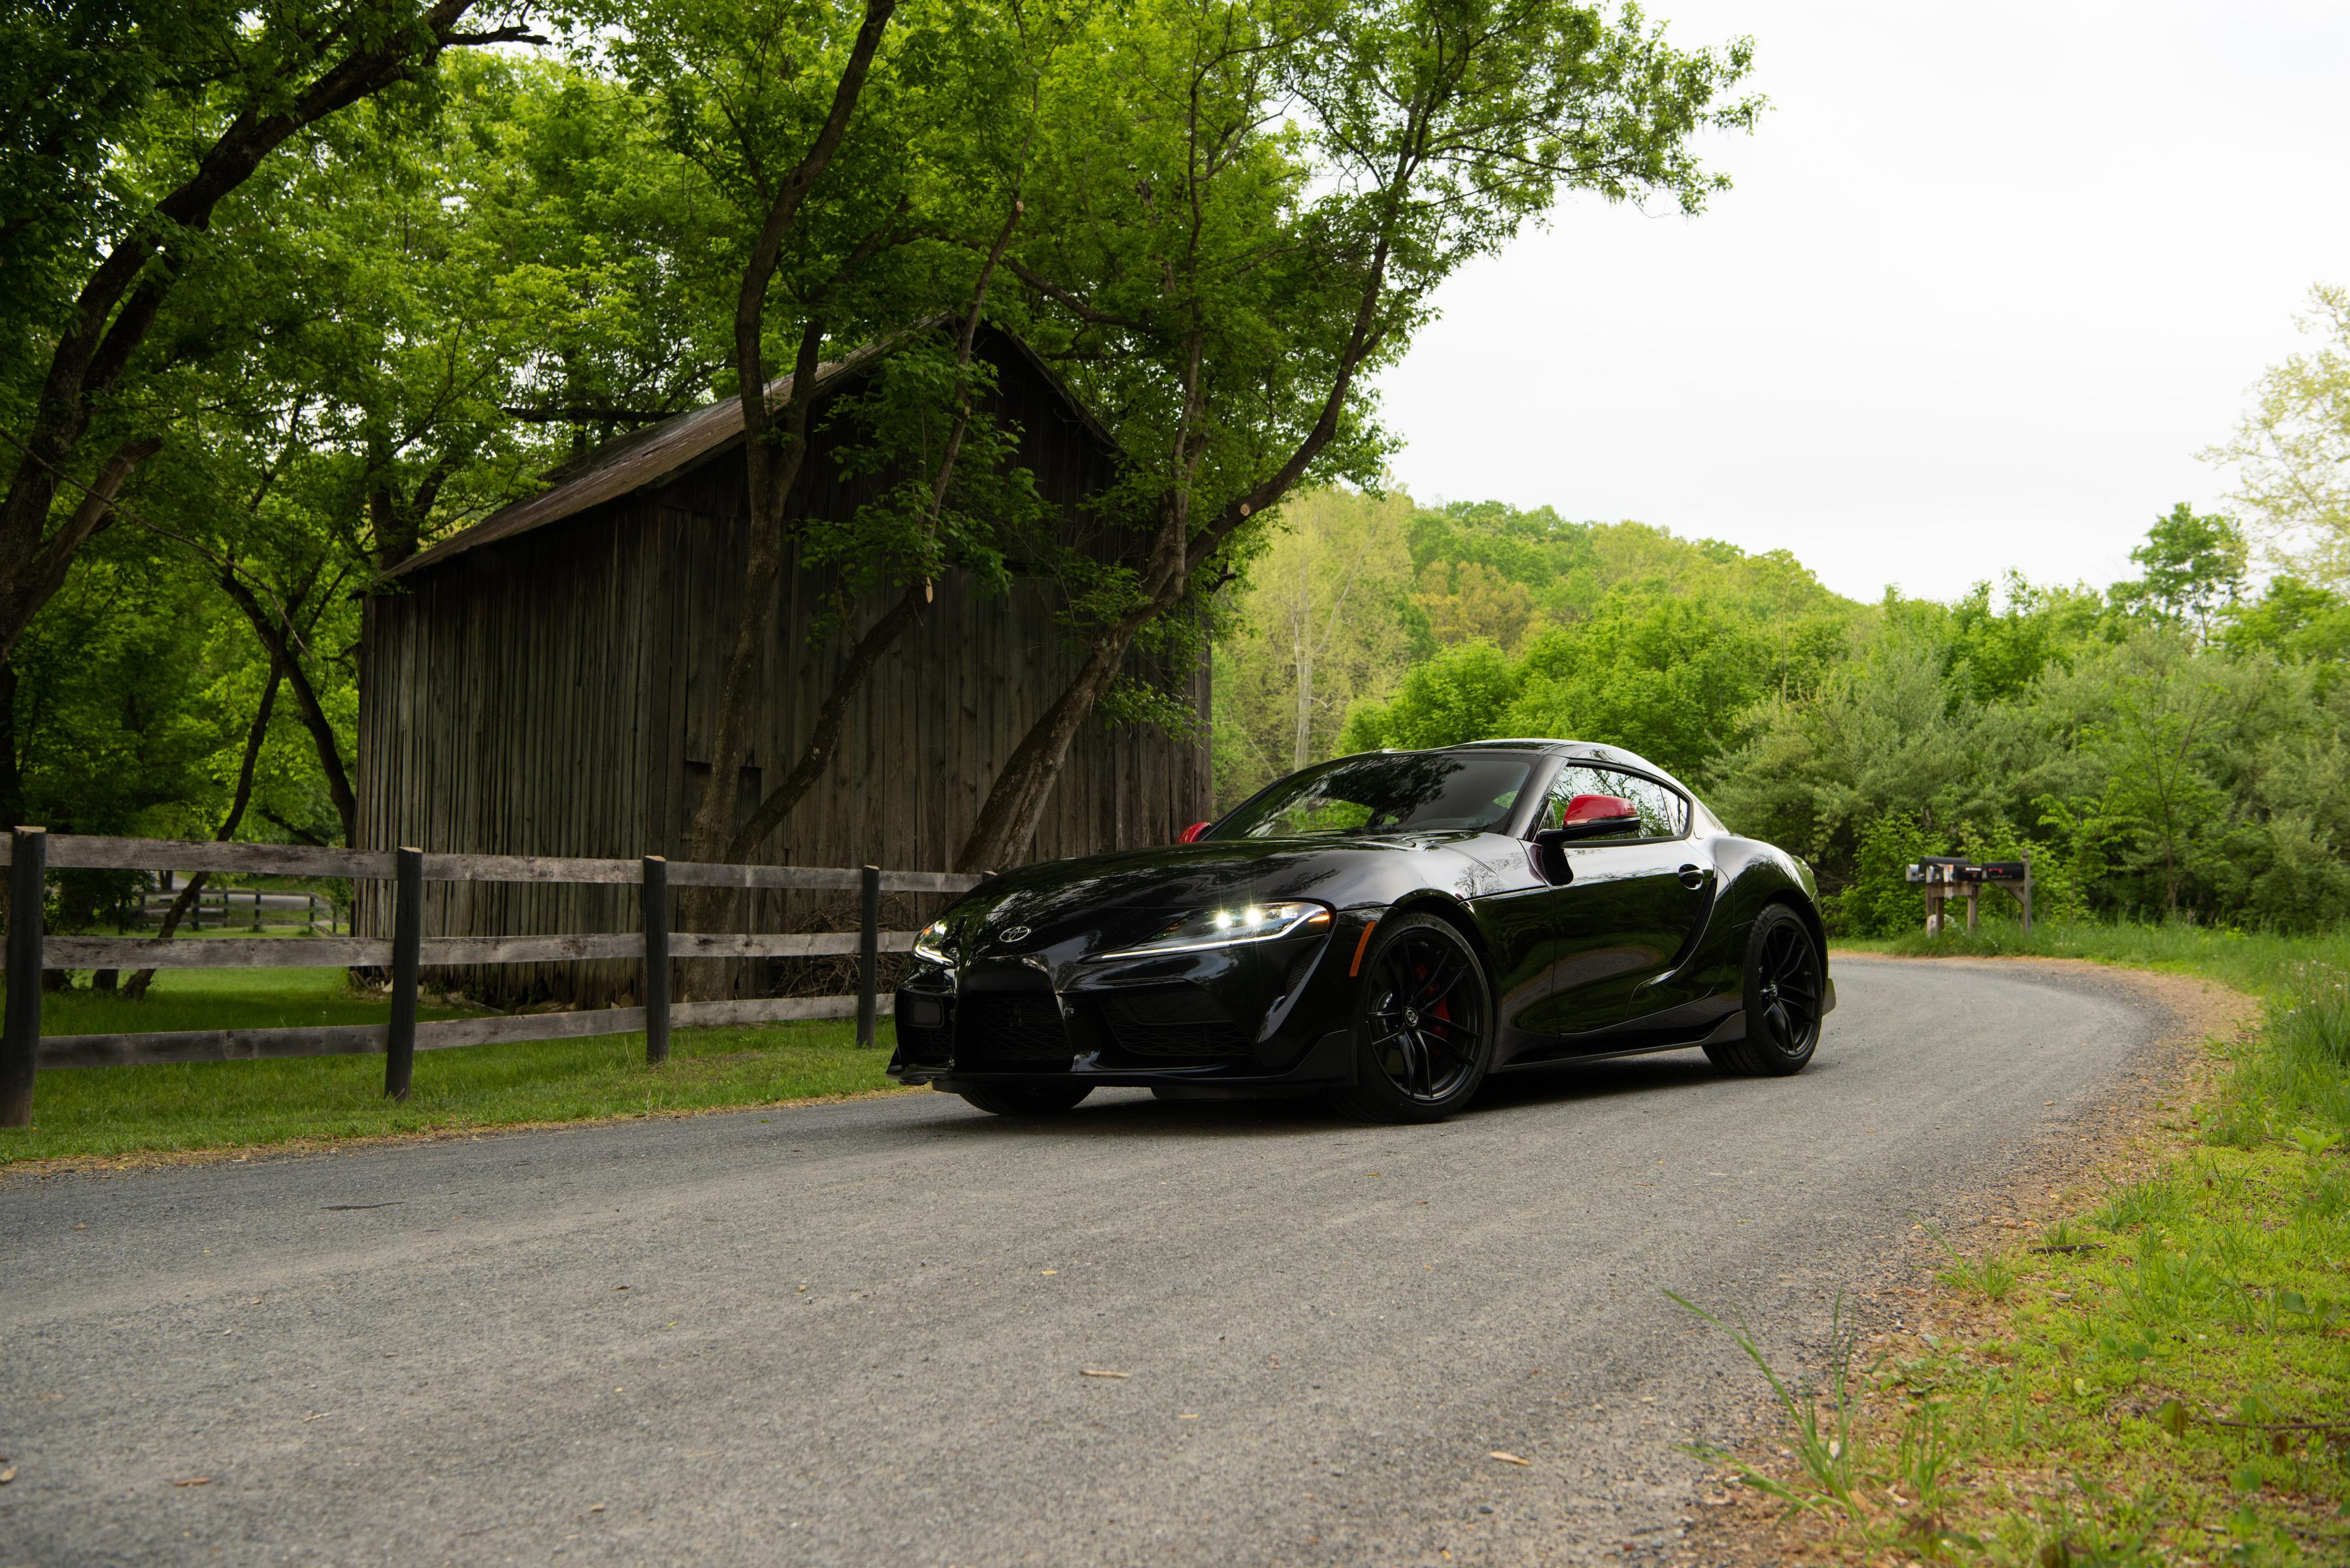 Фотографии Toyota 2020 GR Supra Launch Edition Черный машины Металлик 3596x2400 Тойота черная черные черных авто машина Автомобили автомобиль